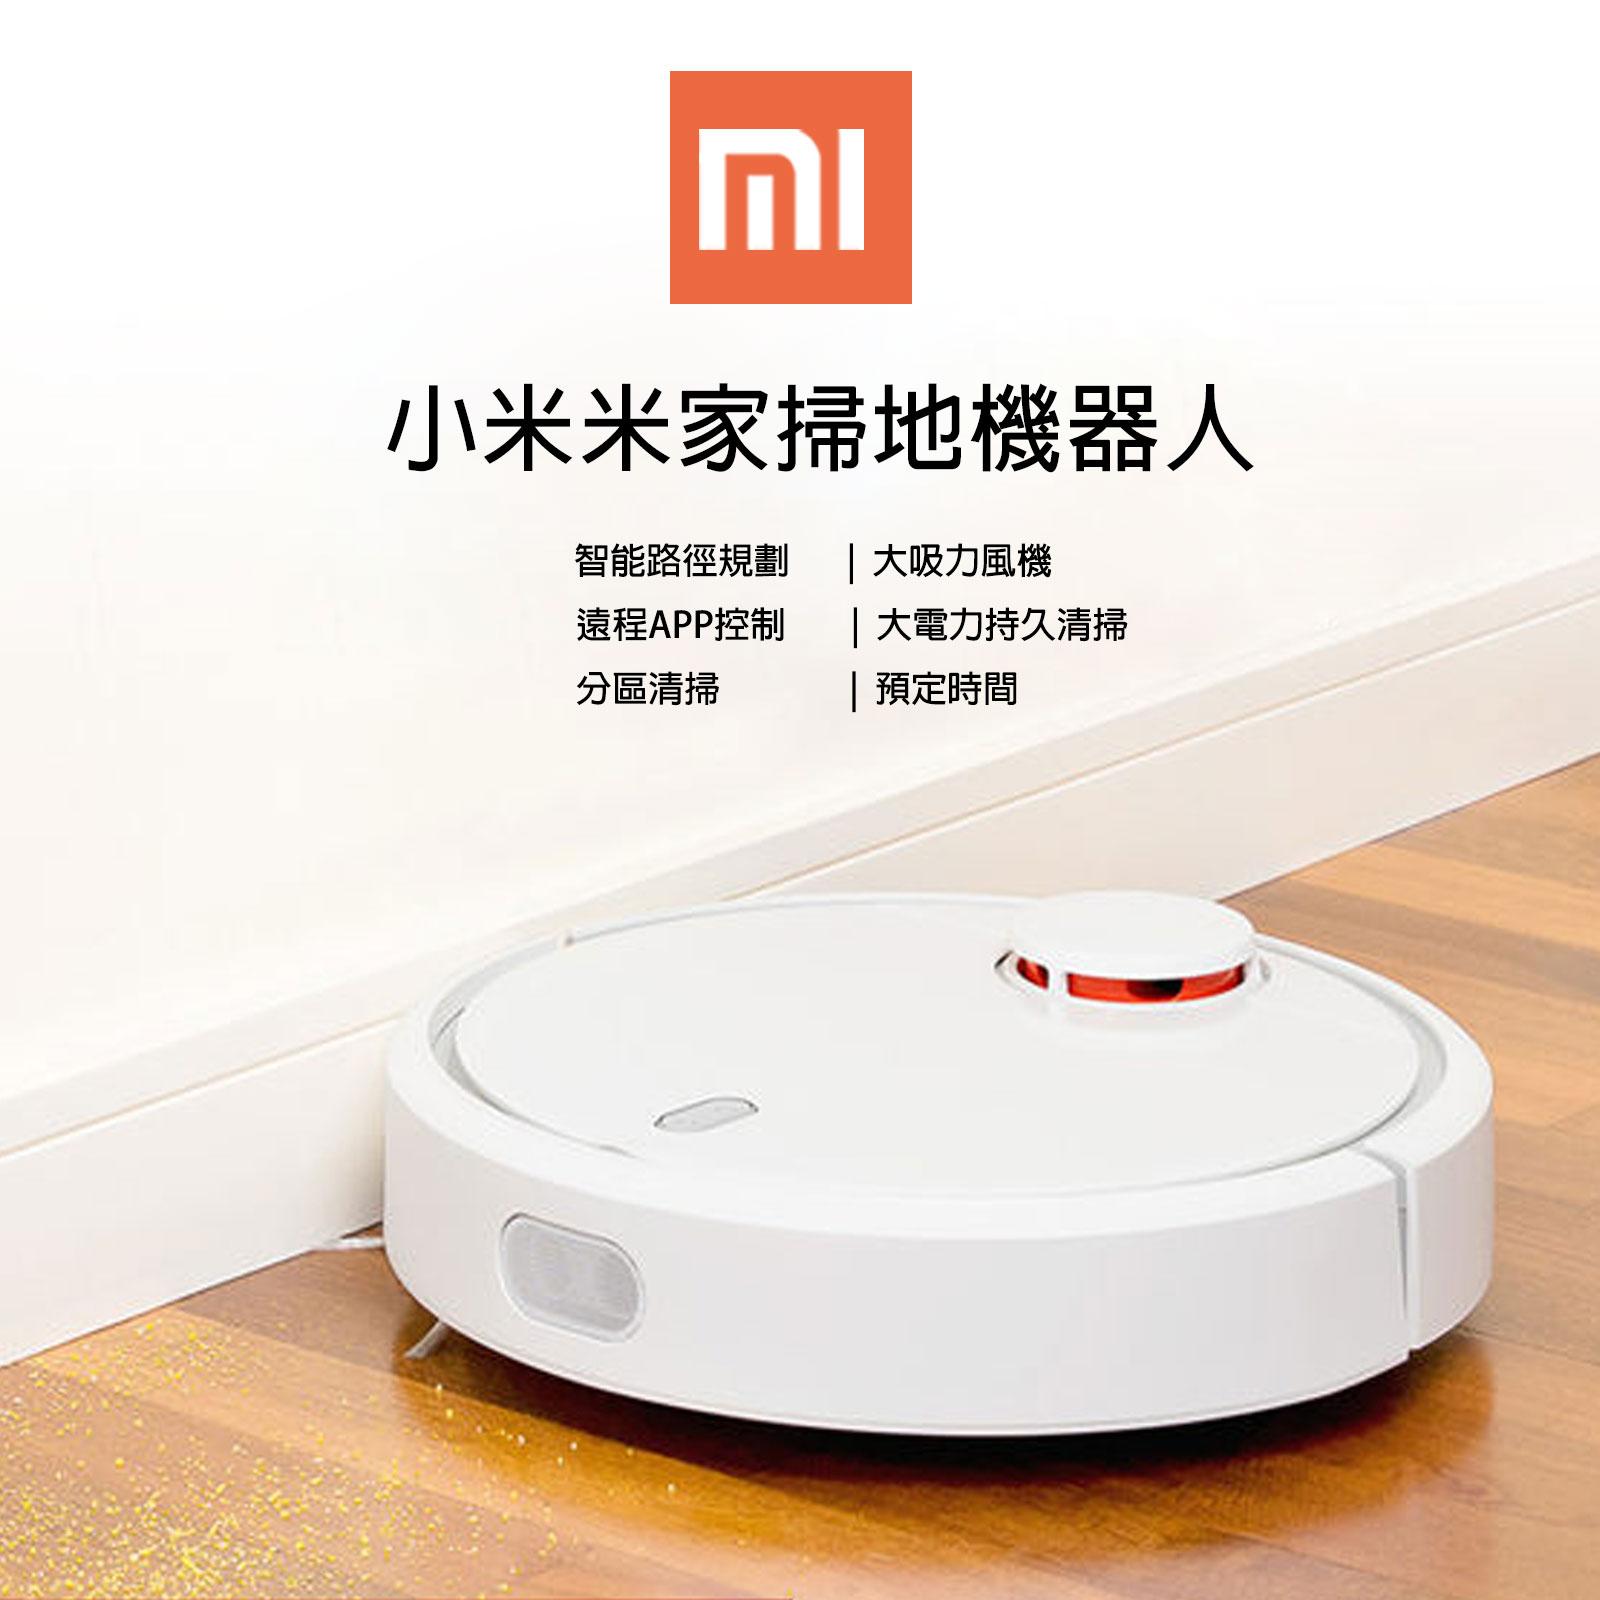 【限郵寄宅配】小米掃地機器人 原廠公司貨 吸塵機【O3335】☆雙兒網☆ 自動静音 非iRobot Neato Roomba 3